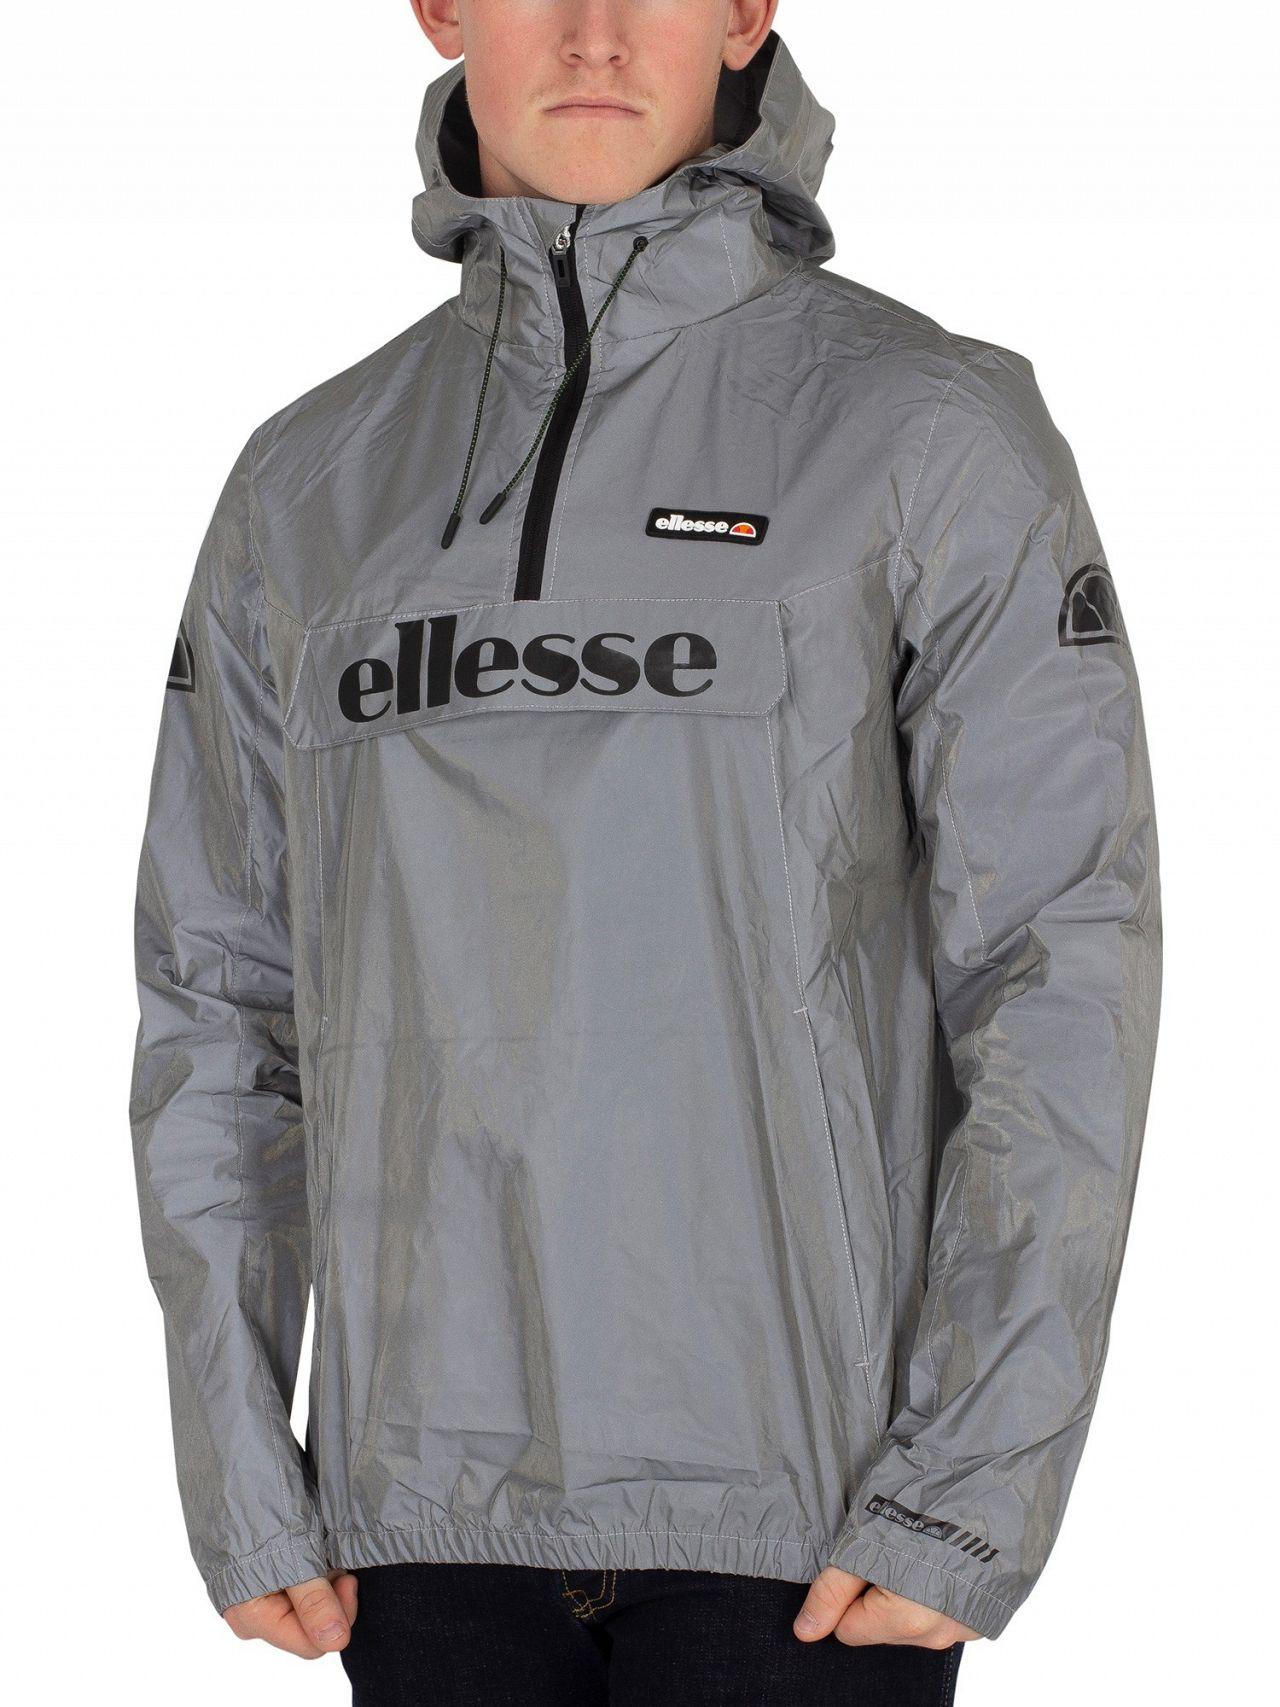 eea1e7a36 Ellesse Reflective Berto Rain Jacket